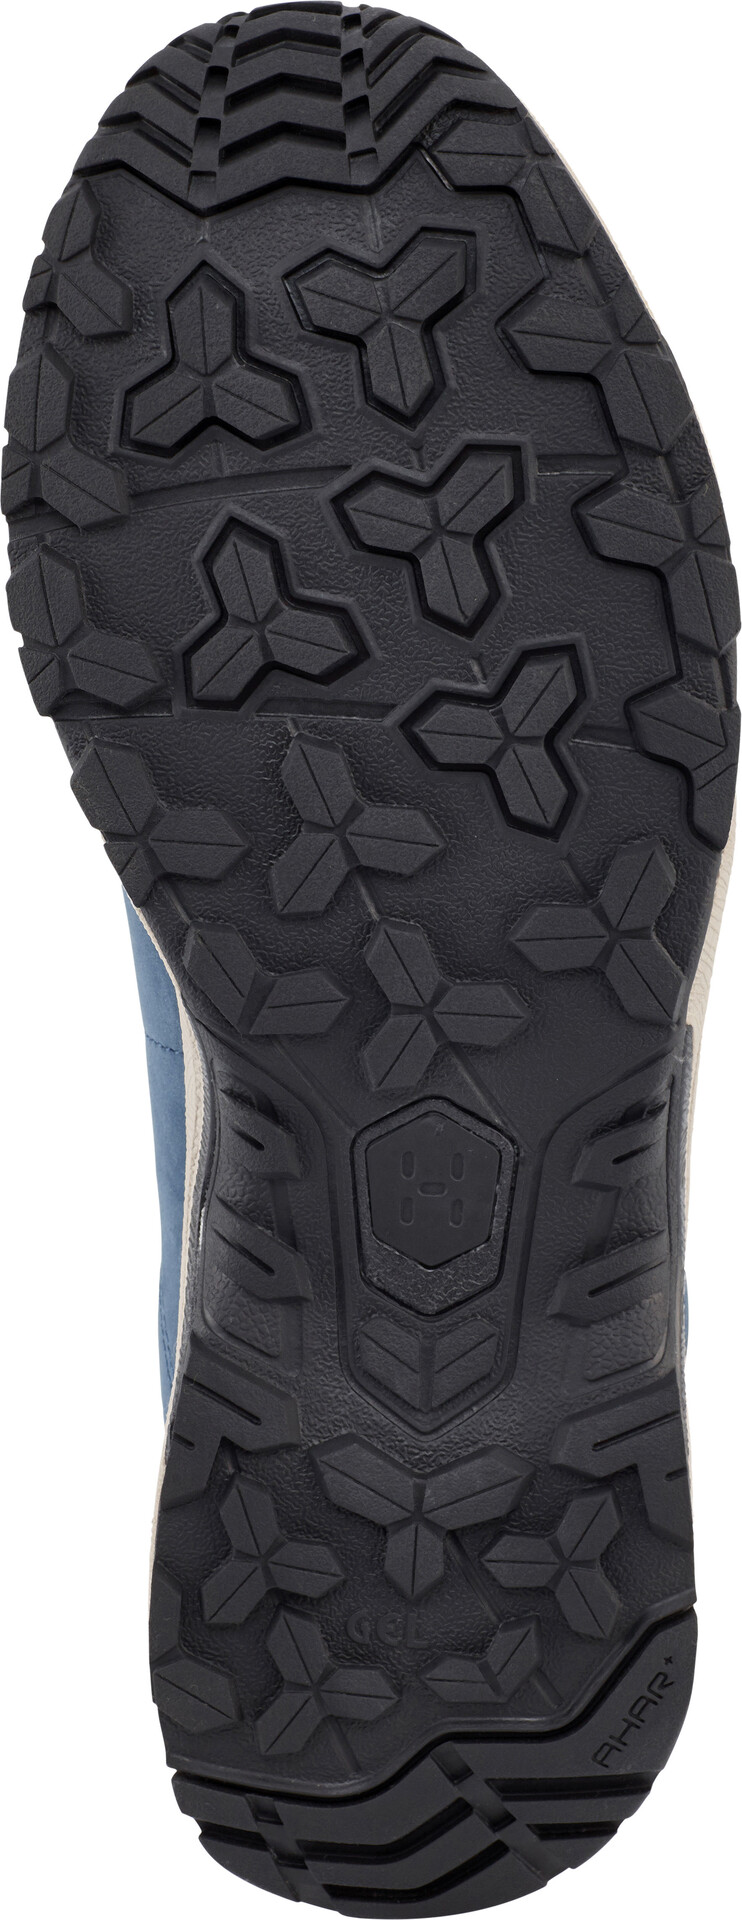 Haglöfs Mistral GT Chaussures Homme, blue inktangerine